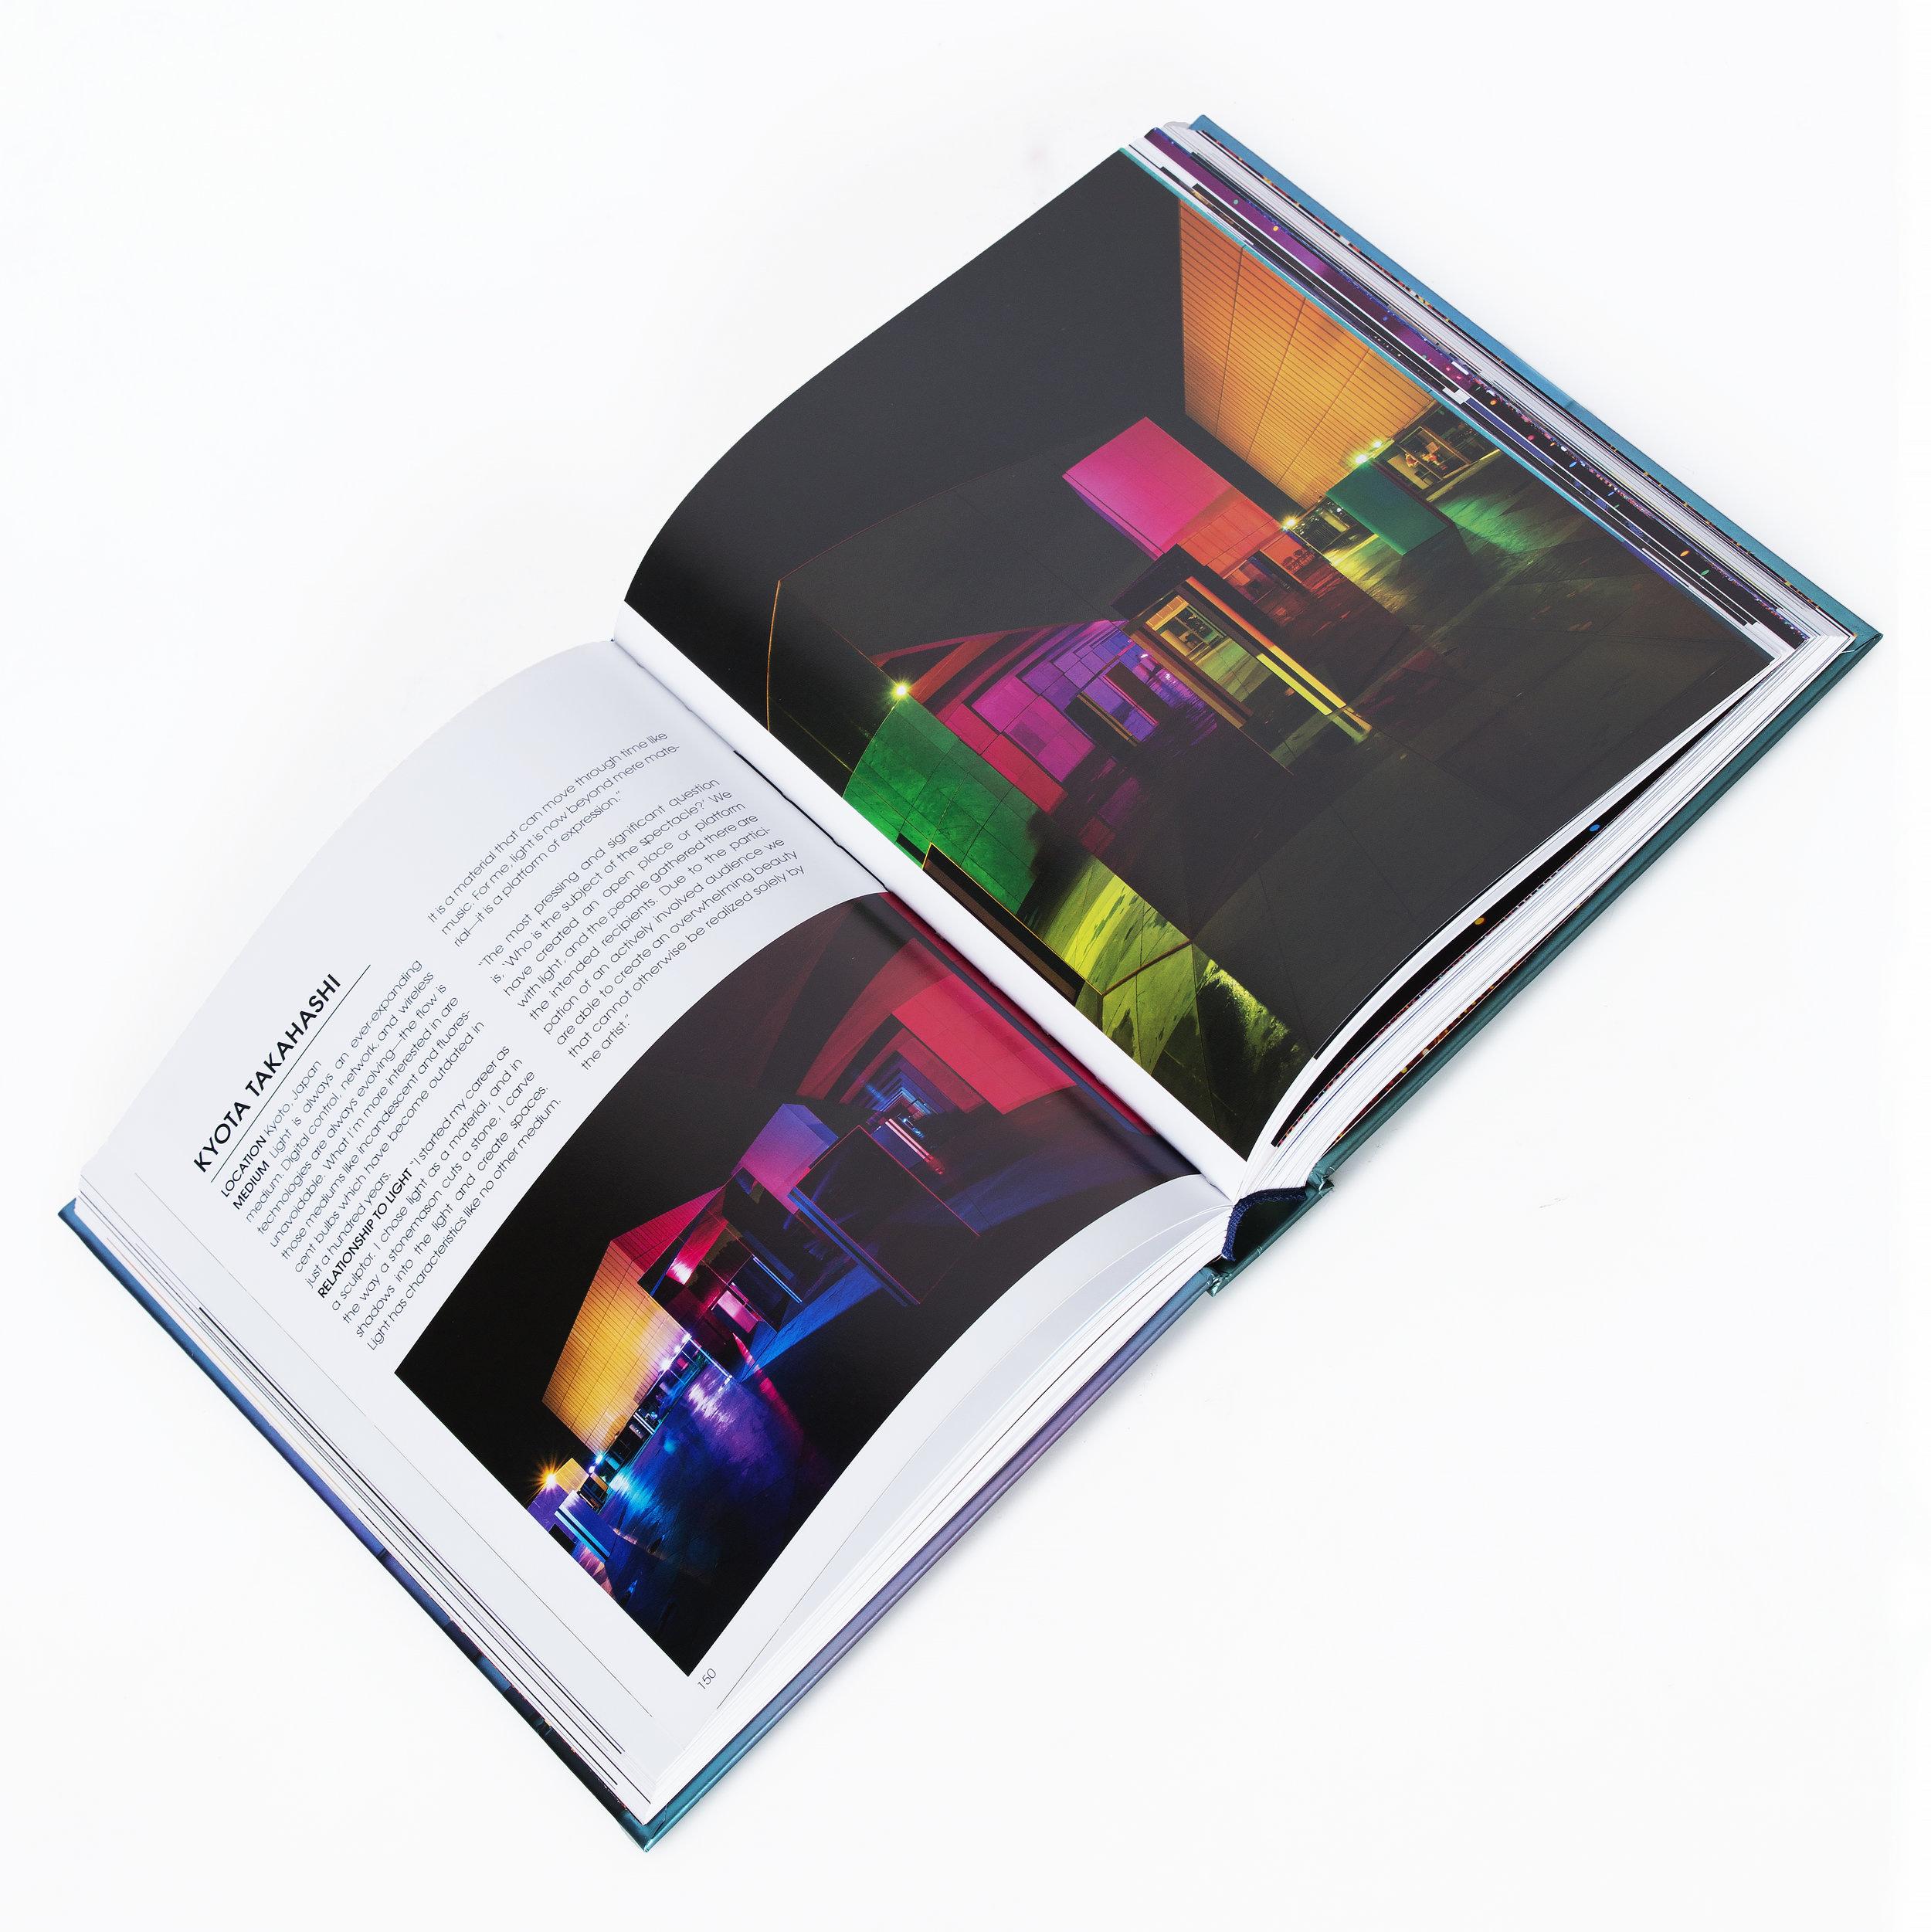 Lust_For_Light_Book_6.jpg